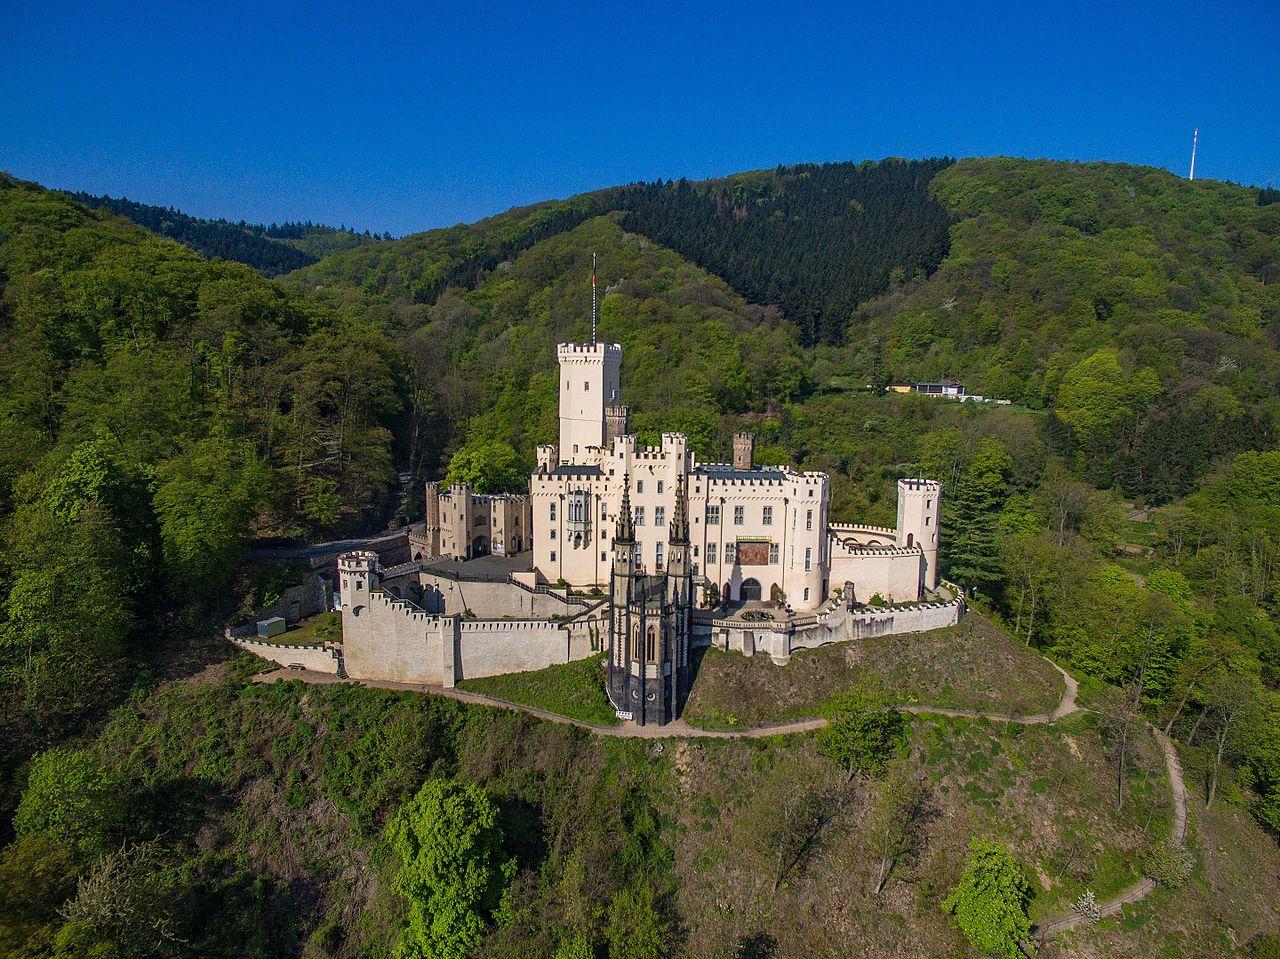 Schloss_Stolzenfels_in_KO-Stolzenfels 1826-1833.jpg